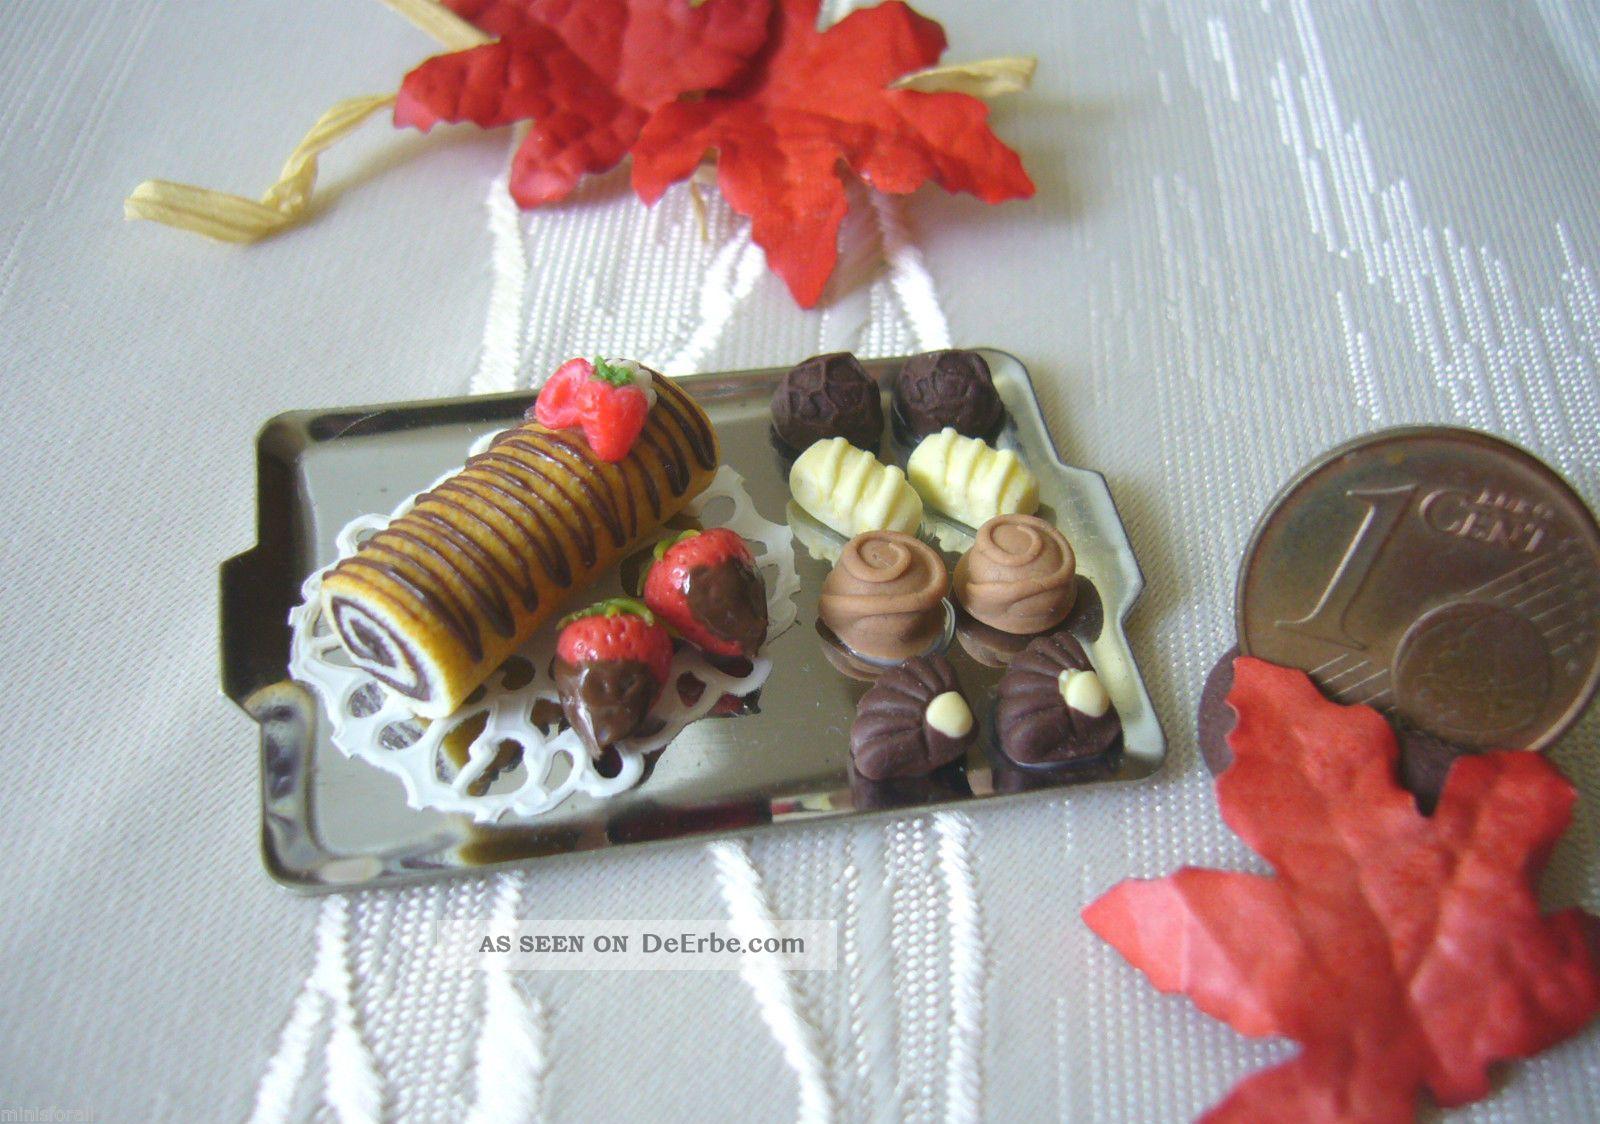 =1 GebÄckzange Konfektzange Metall= Miniatur Puppenstube Bäckerei 1:12 Byhw Kaufmannsläden & Zubehör Bild